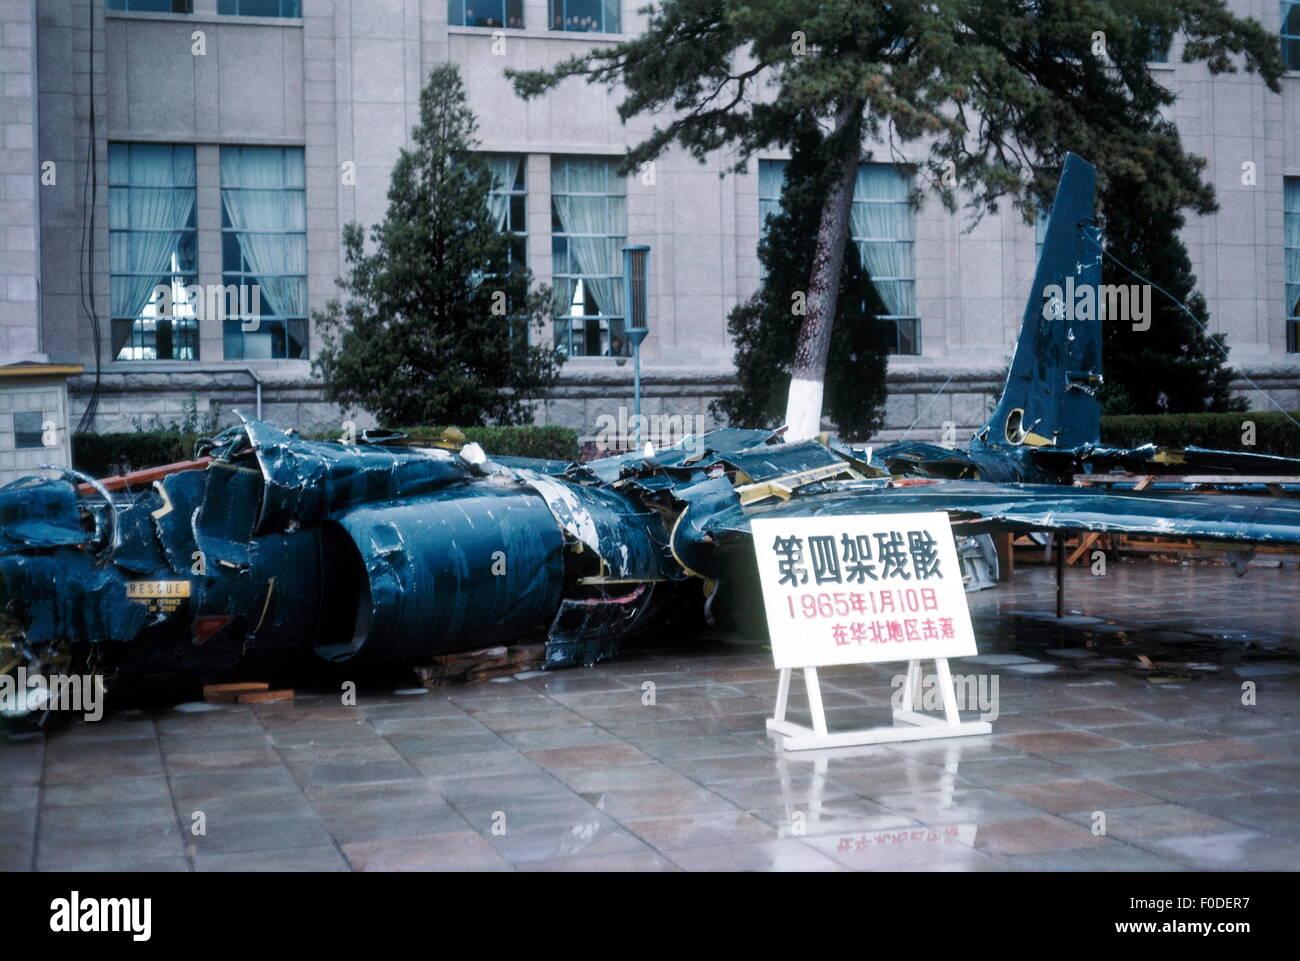 Geografía / viajes, China, la política, los restos del avión de reconocimiento U2 taiwanés derribado Imagen De Stock